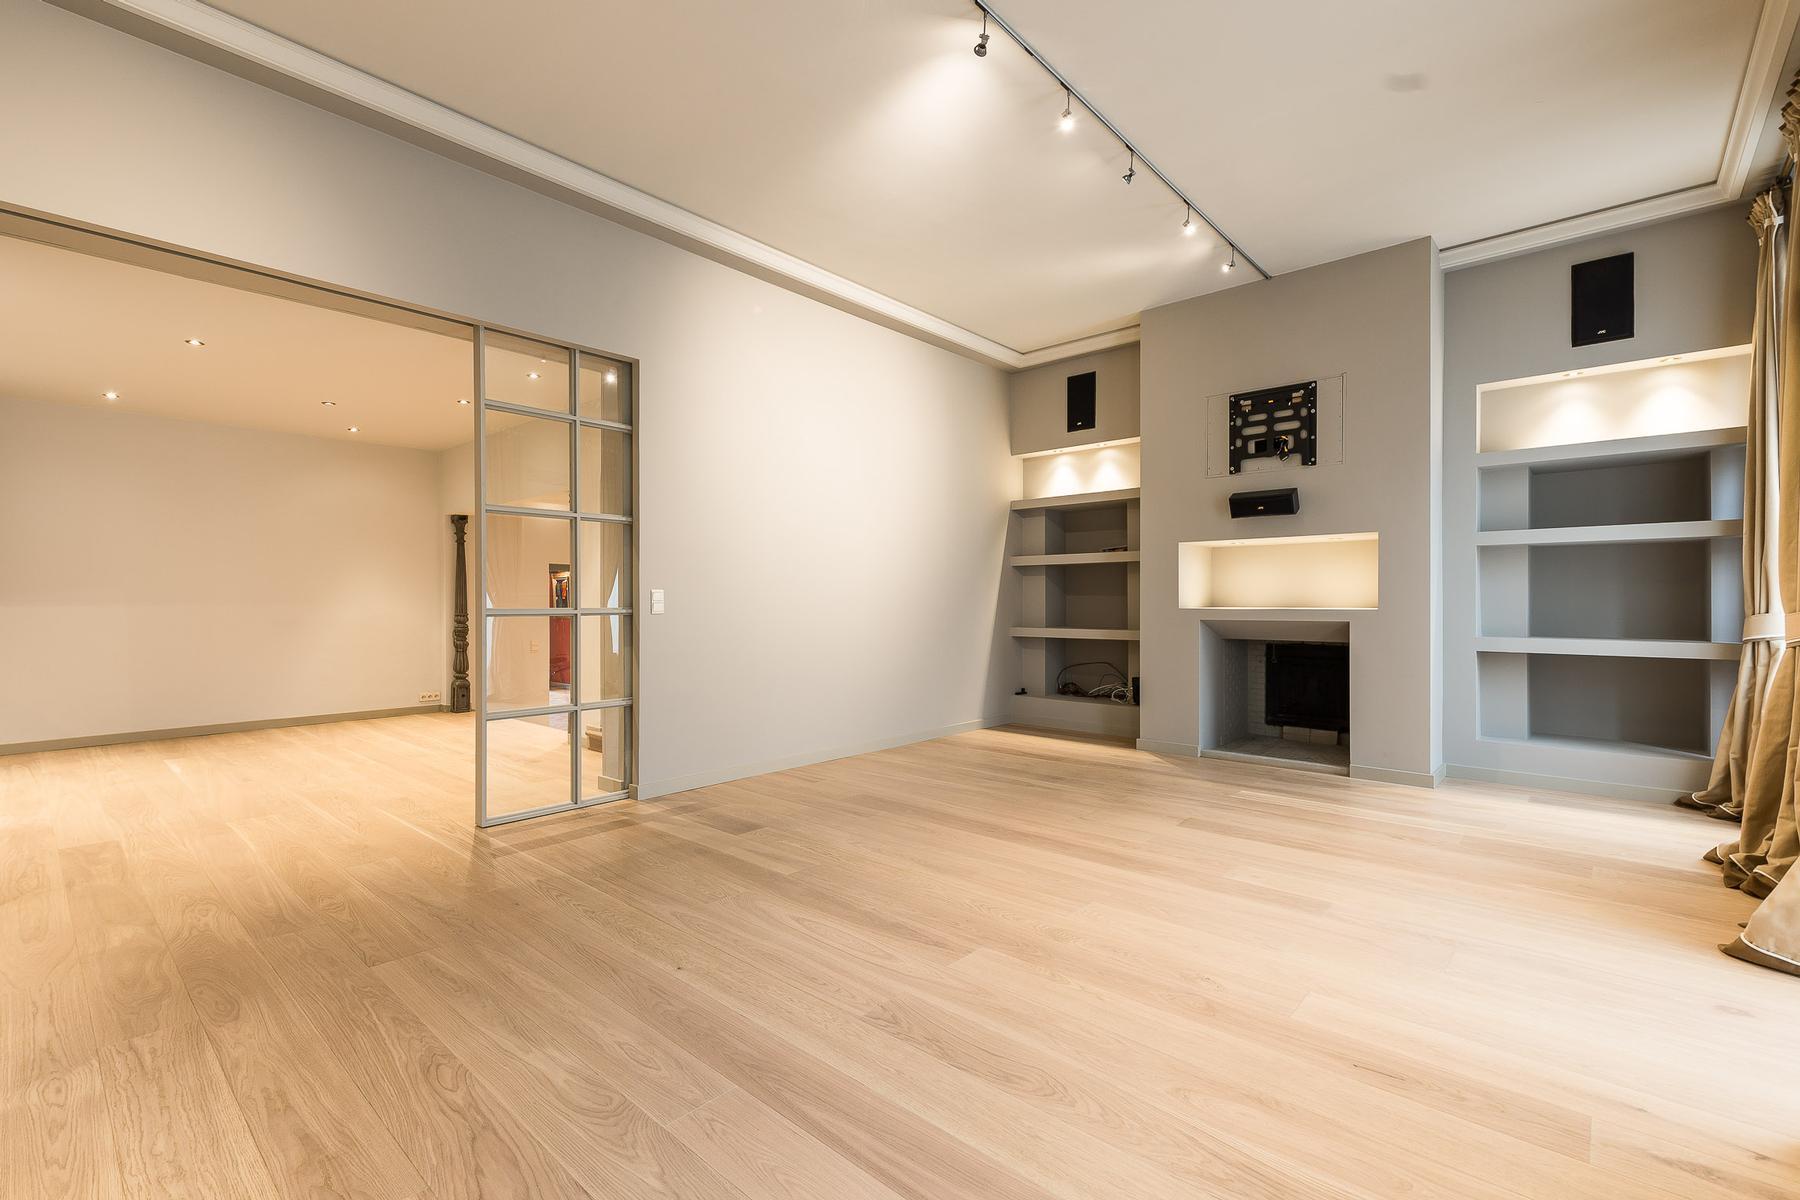 Other Residential for Rent at Ixelles I Université 94 Avenue de l'Université Brussels, Brussels, 1050 Belgium